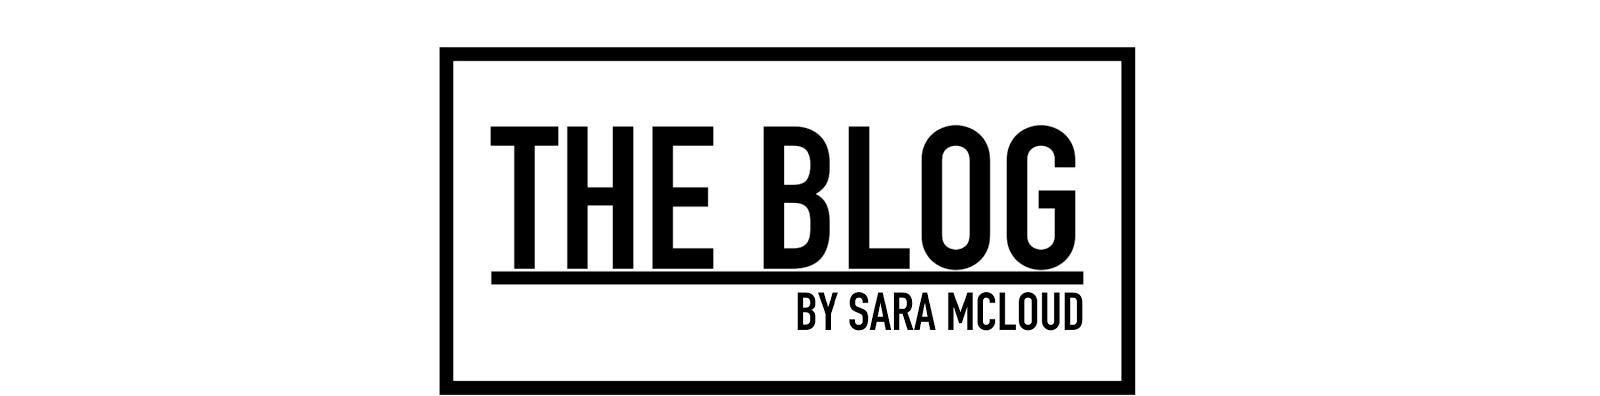 THE BLOG by Sara McLoud